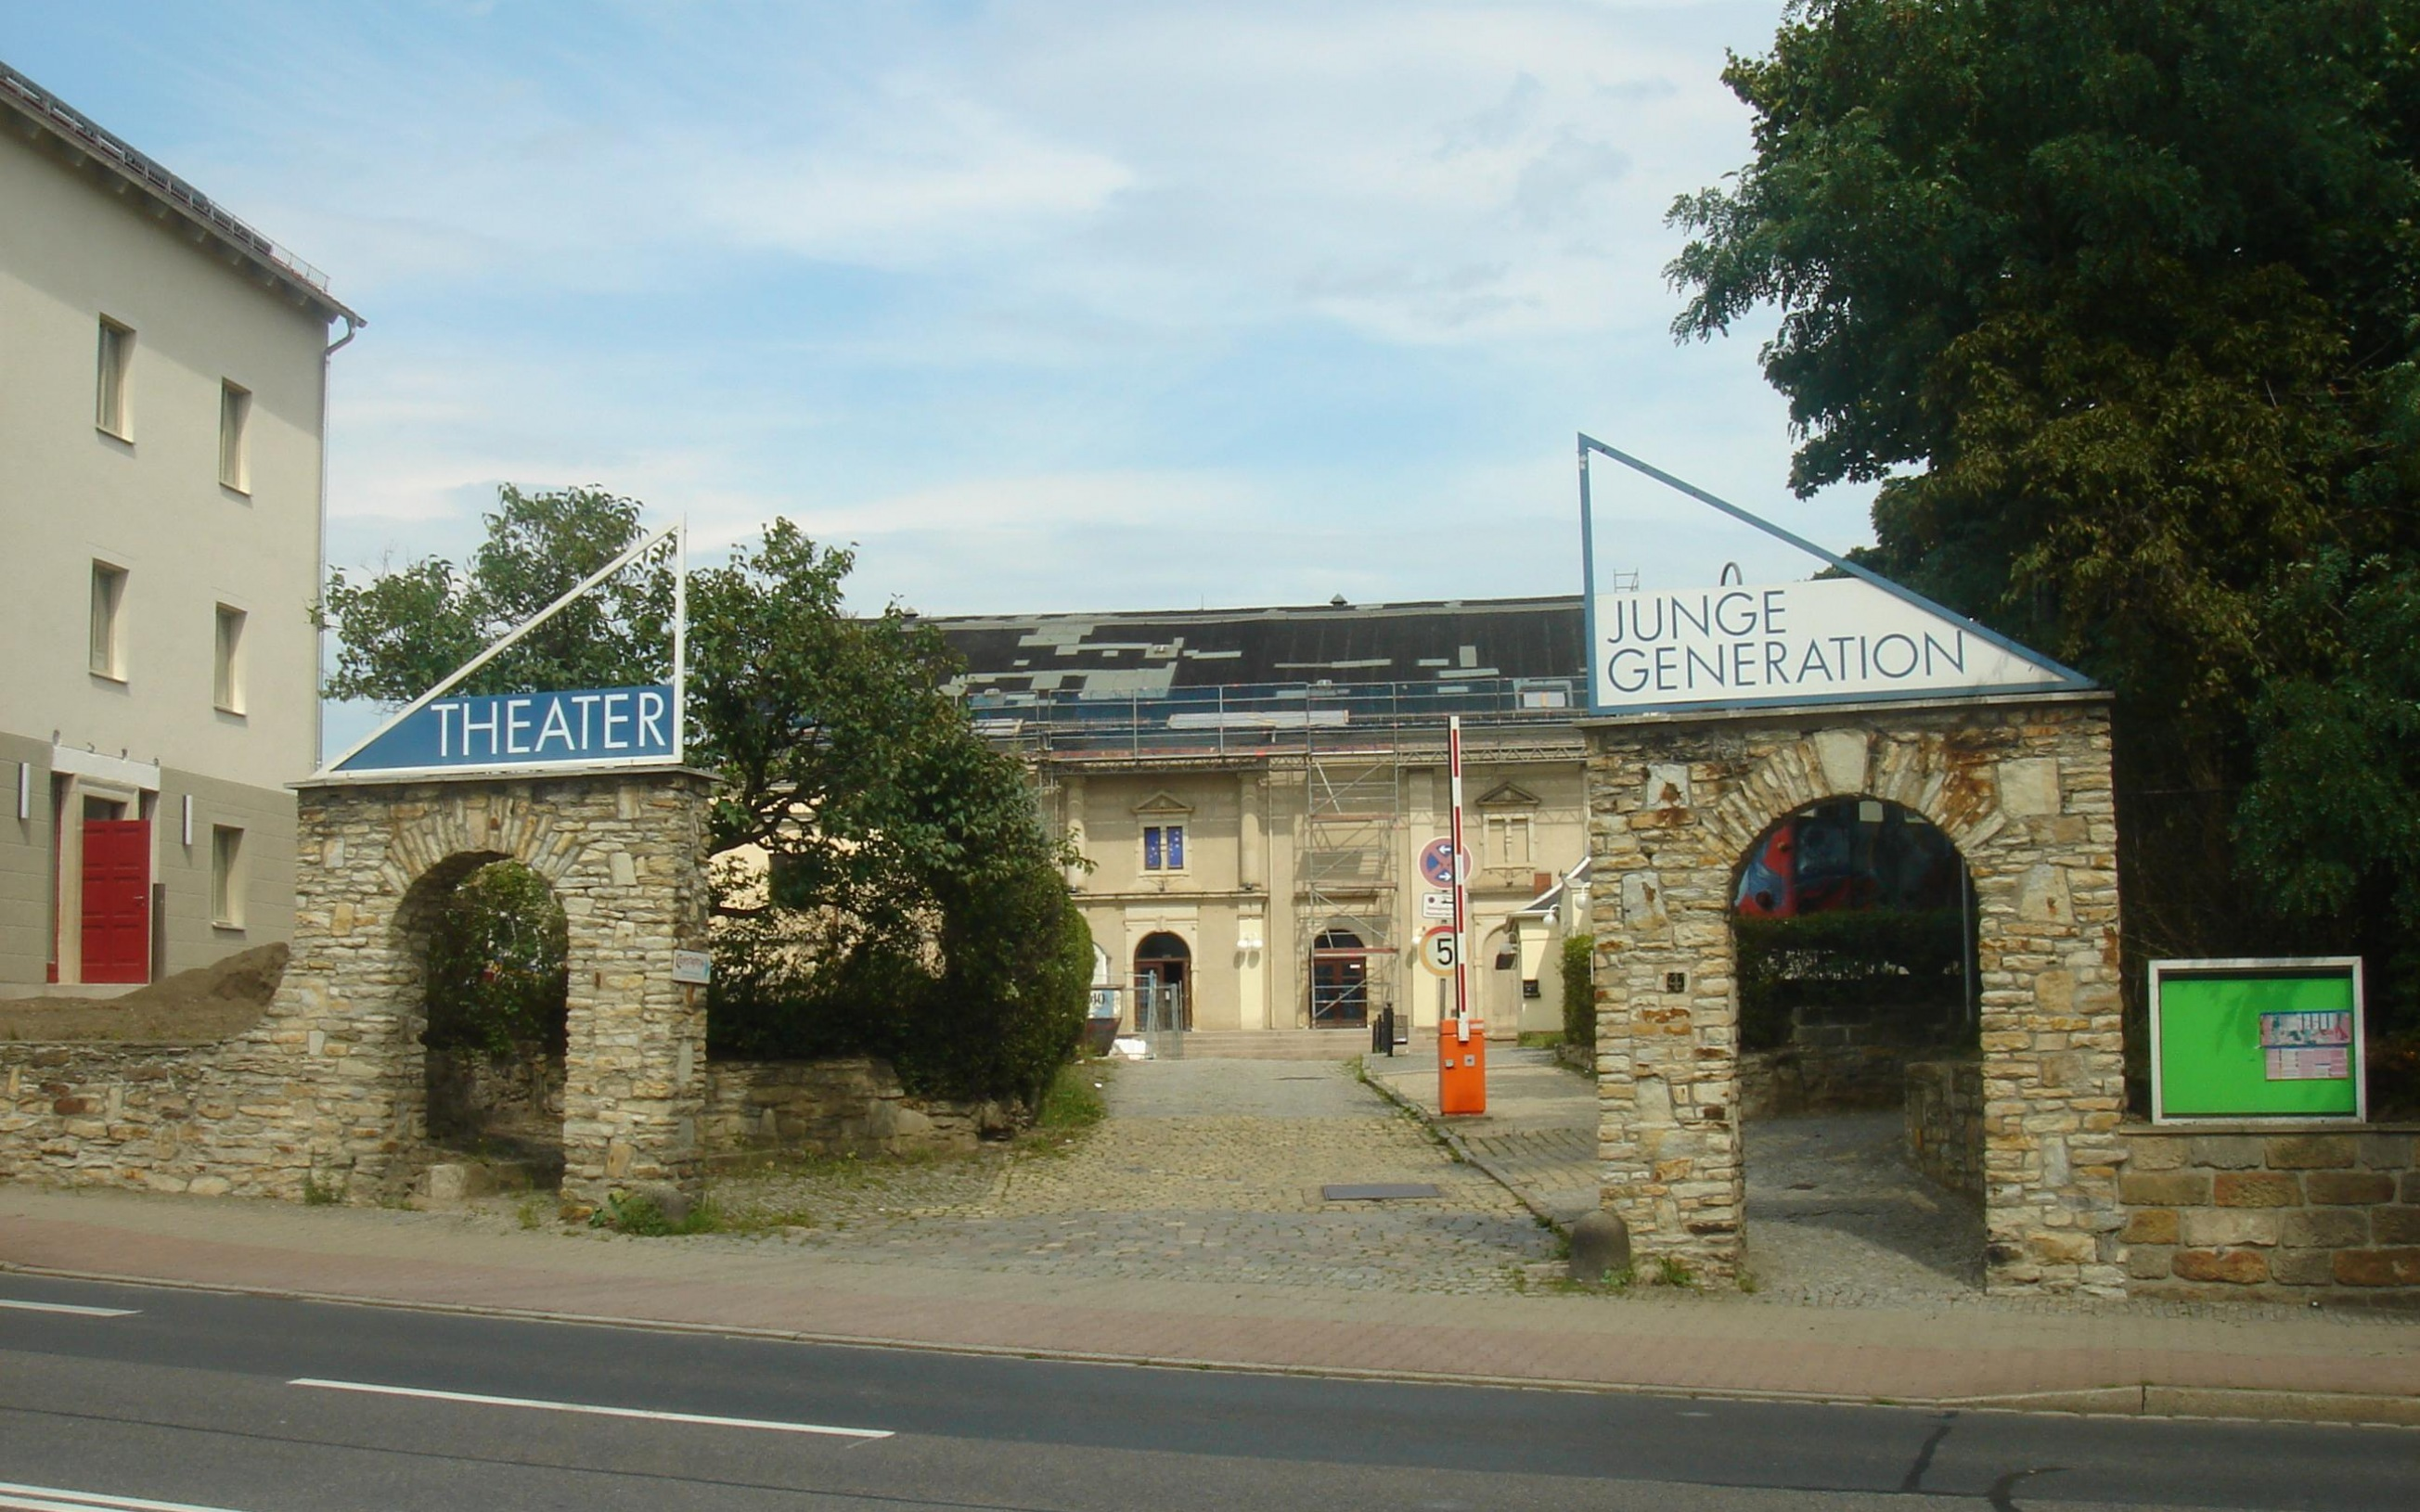 Theater Junge Generation Dresden-Cotta, Blick von der Meißner Landstraße aus